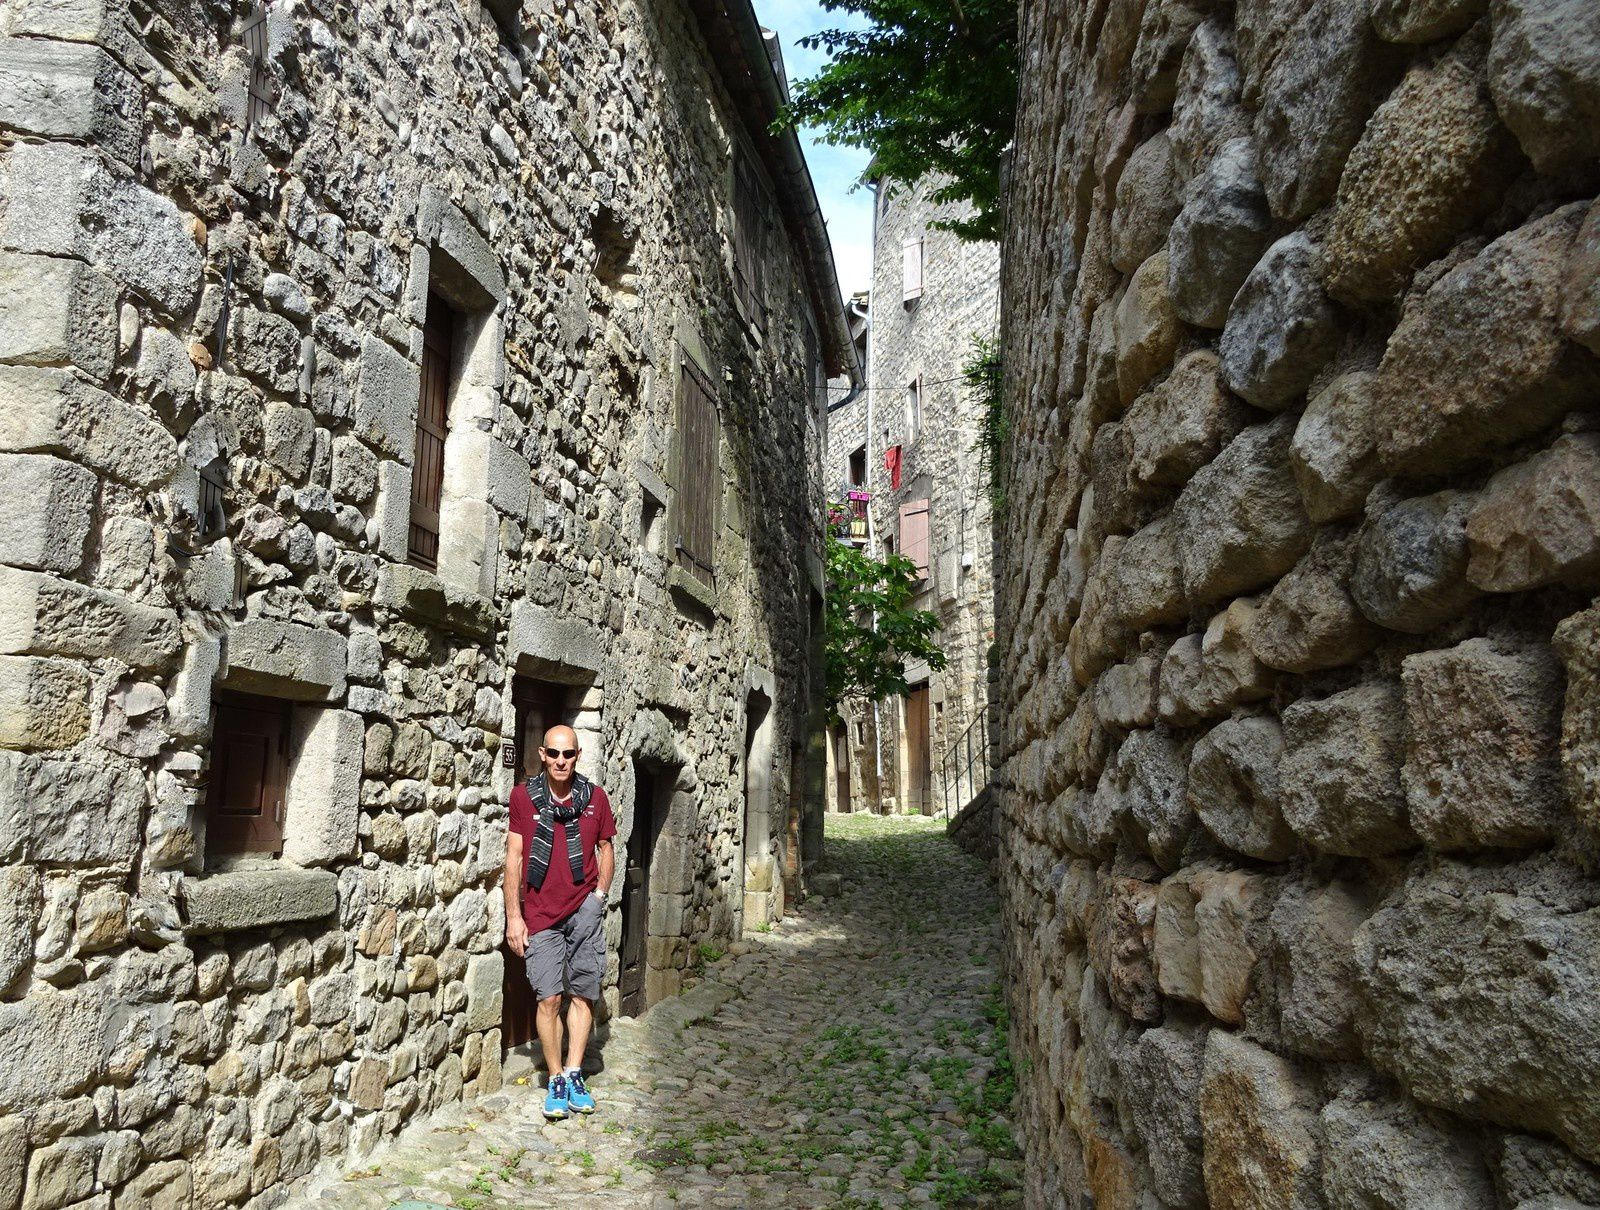 Lundi matin, promenade de décontraction dans le village de Joyeuse.